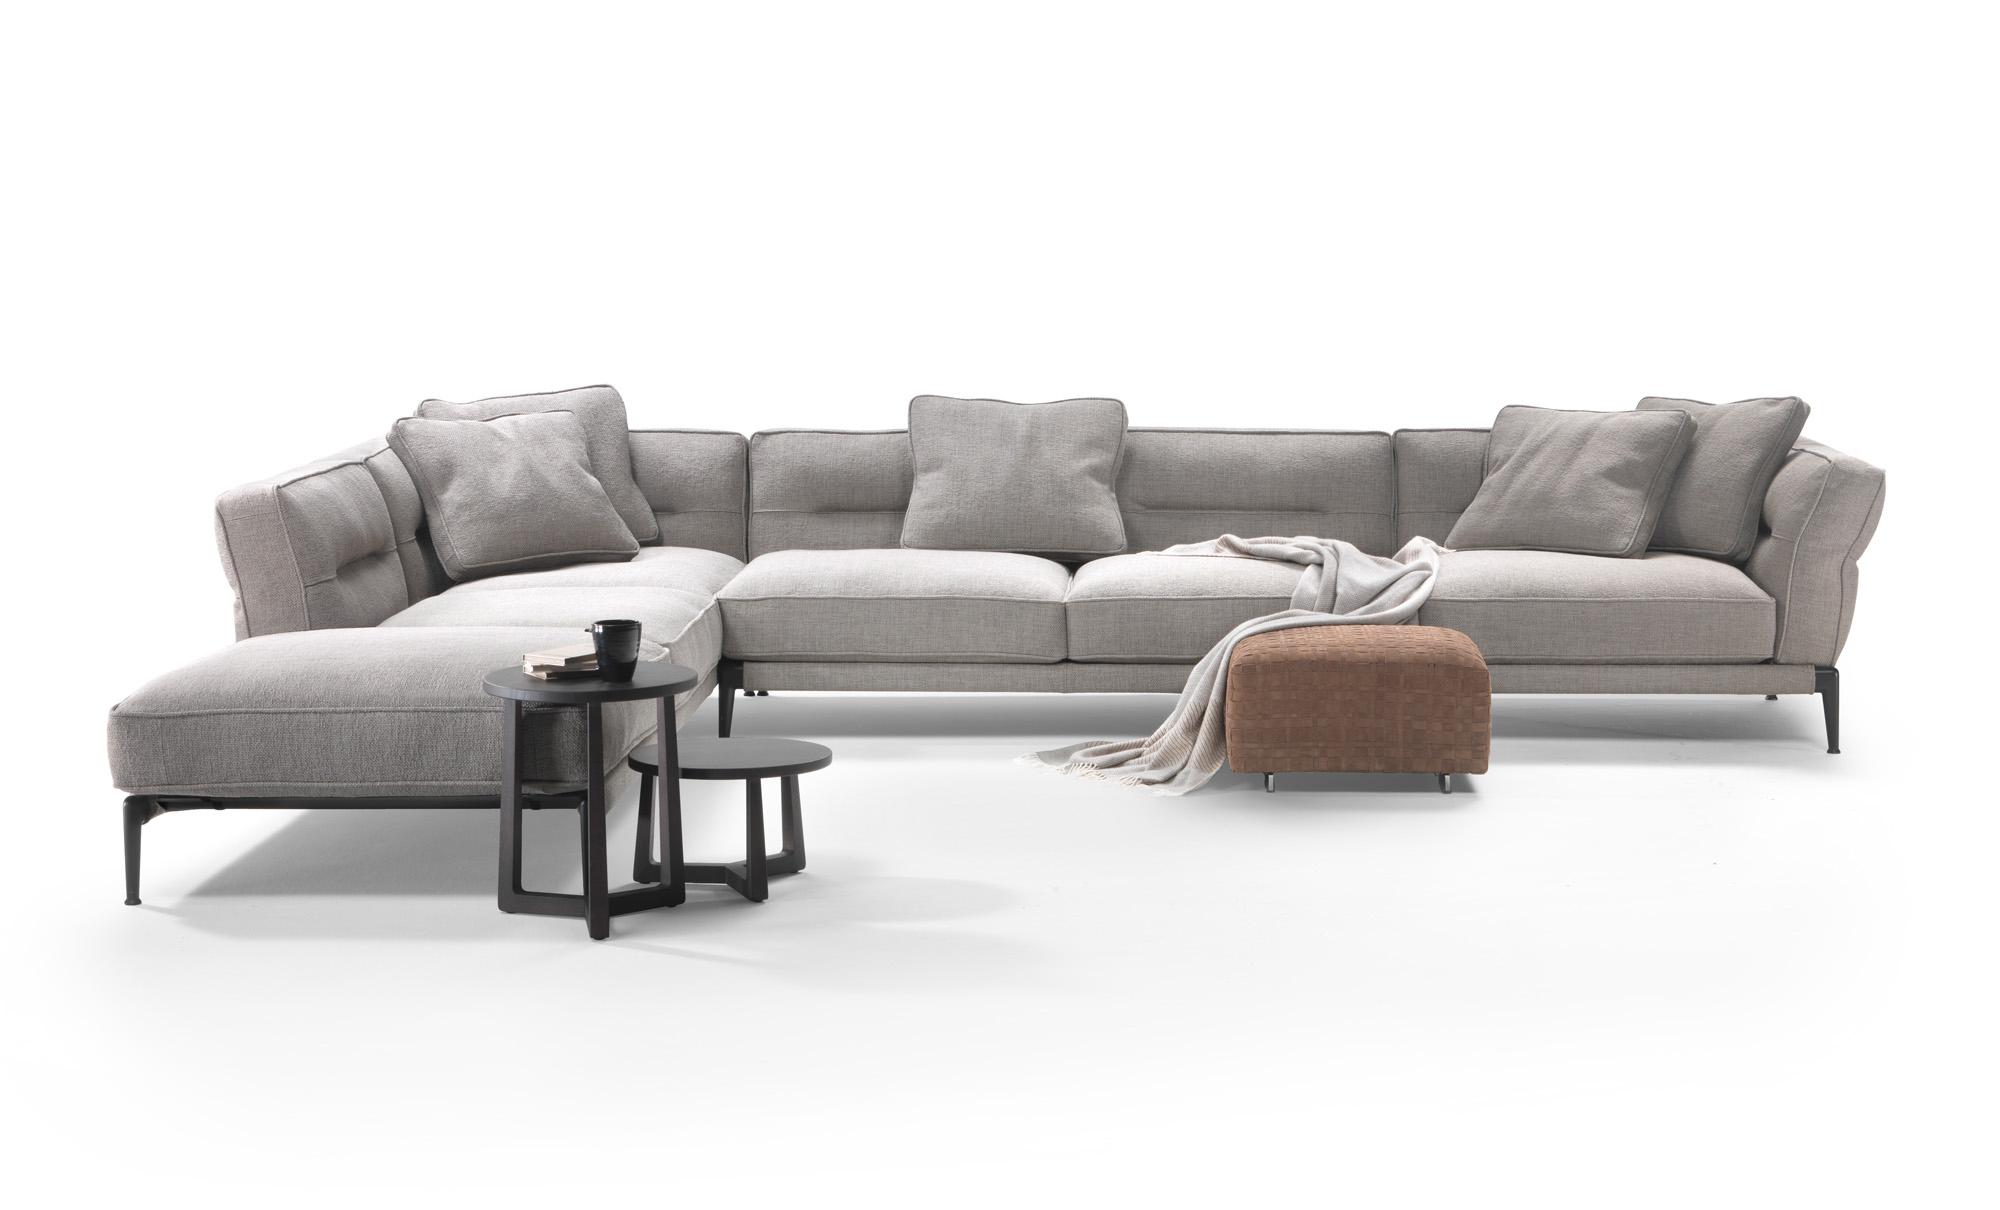 Modular Furniture Sofa: Adda Modular Sofa By Flexform